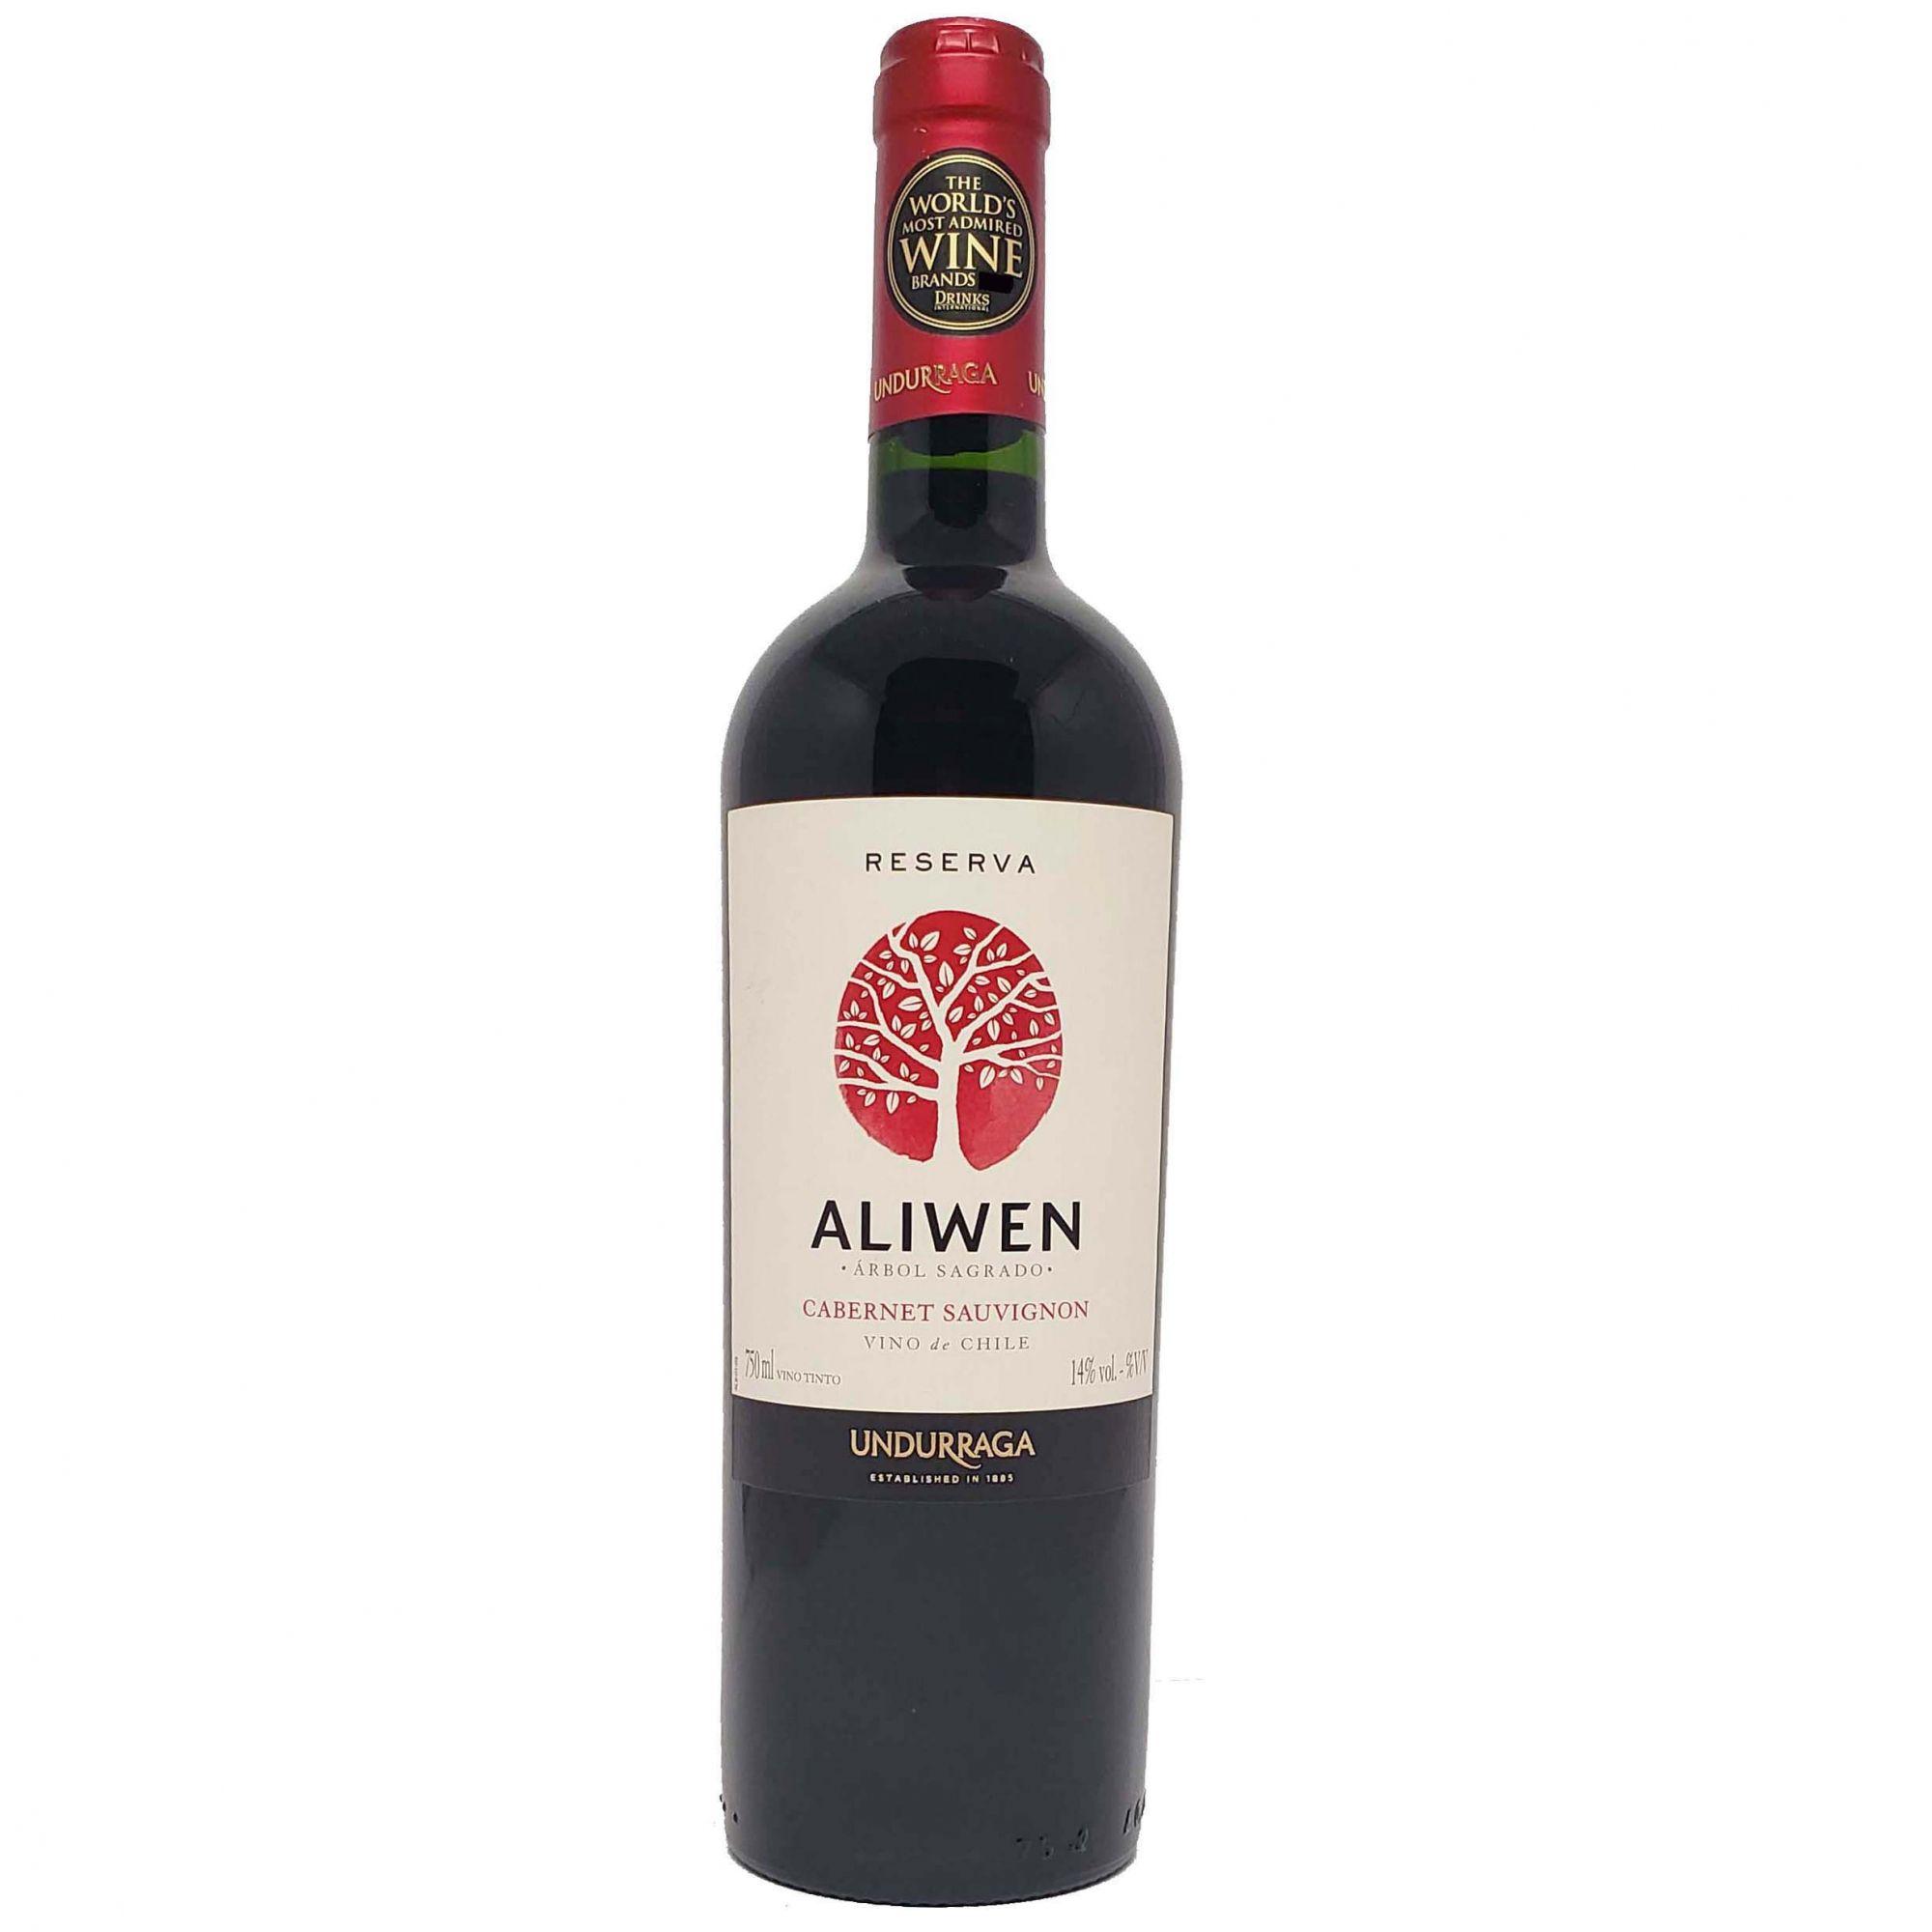 Vinho Tinto Aliwen Reserva Cabernet Sauvignon Undurraga  - 750ml -